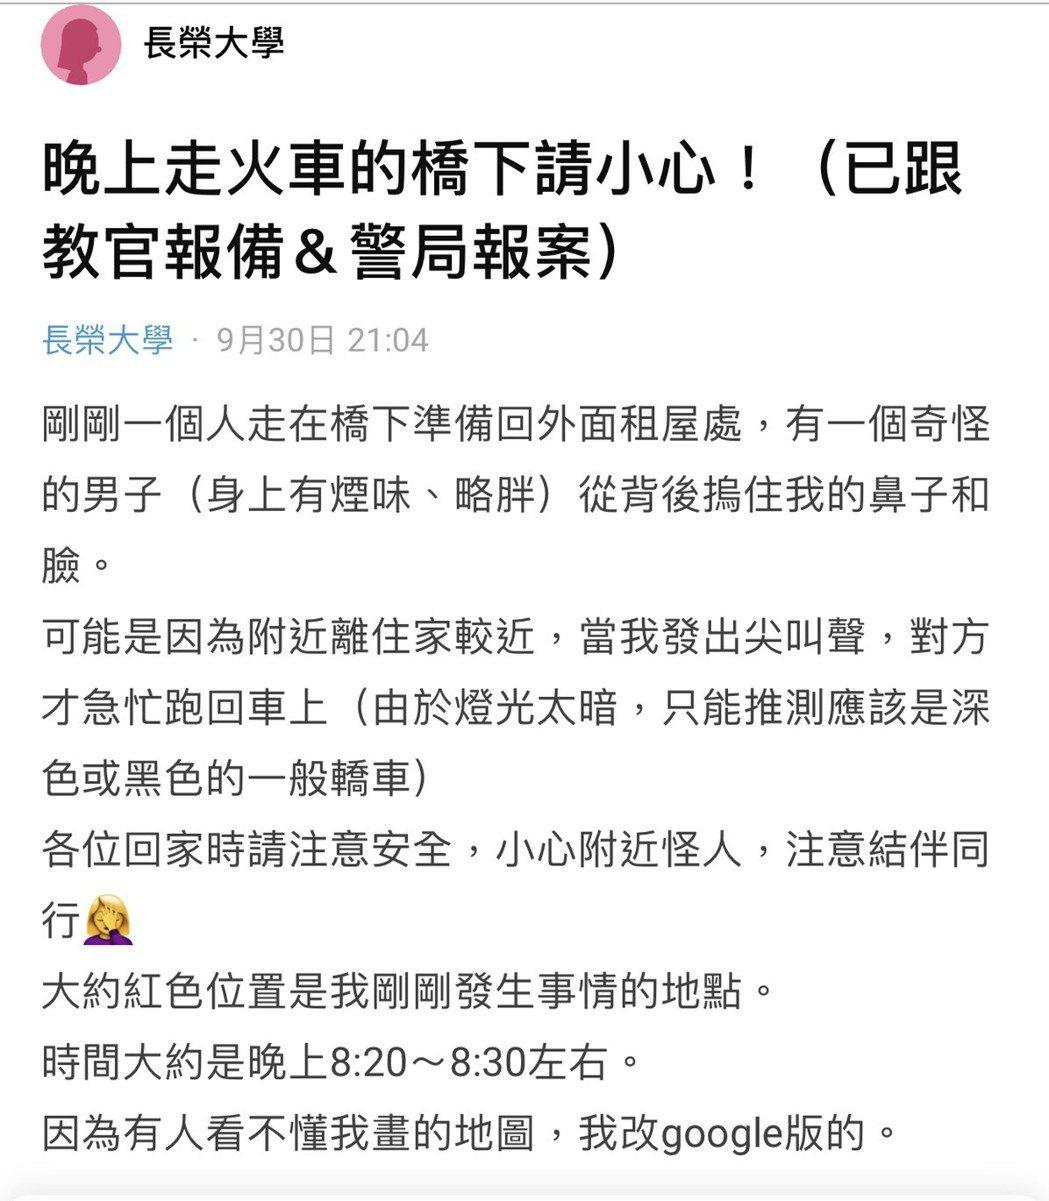 長榮大學另一名女生曾遭人以類似手法強擄,因鄰近住家大叫歹徒逃逸。記者唐秀麗/翻攝